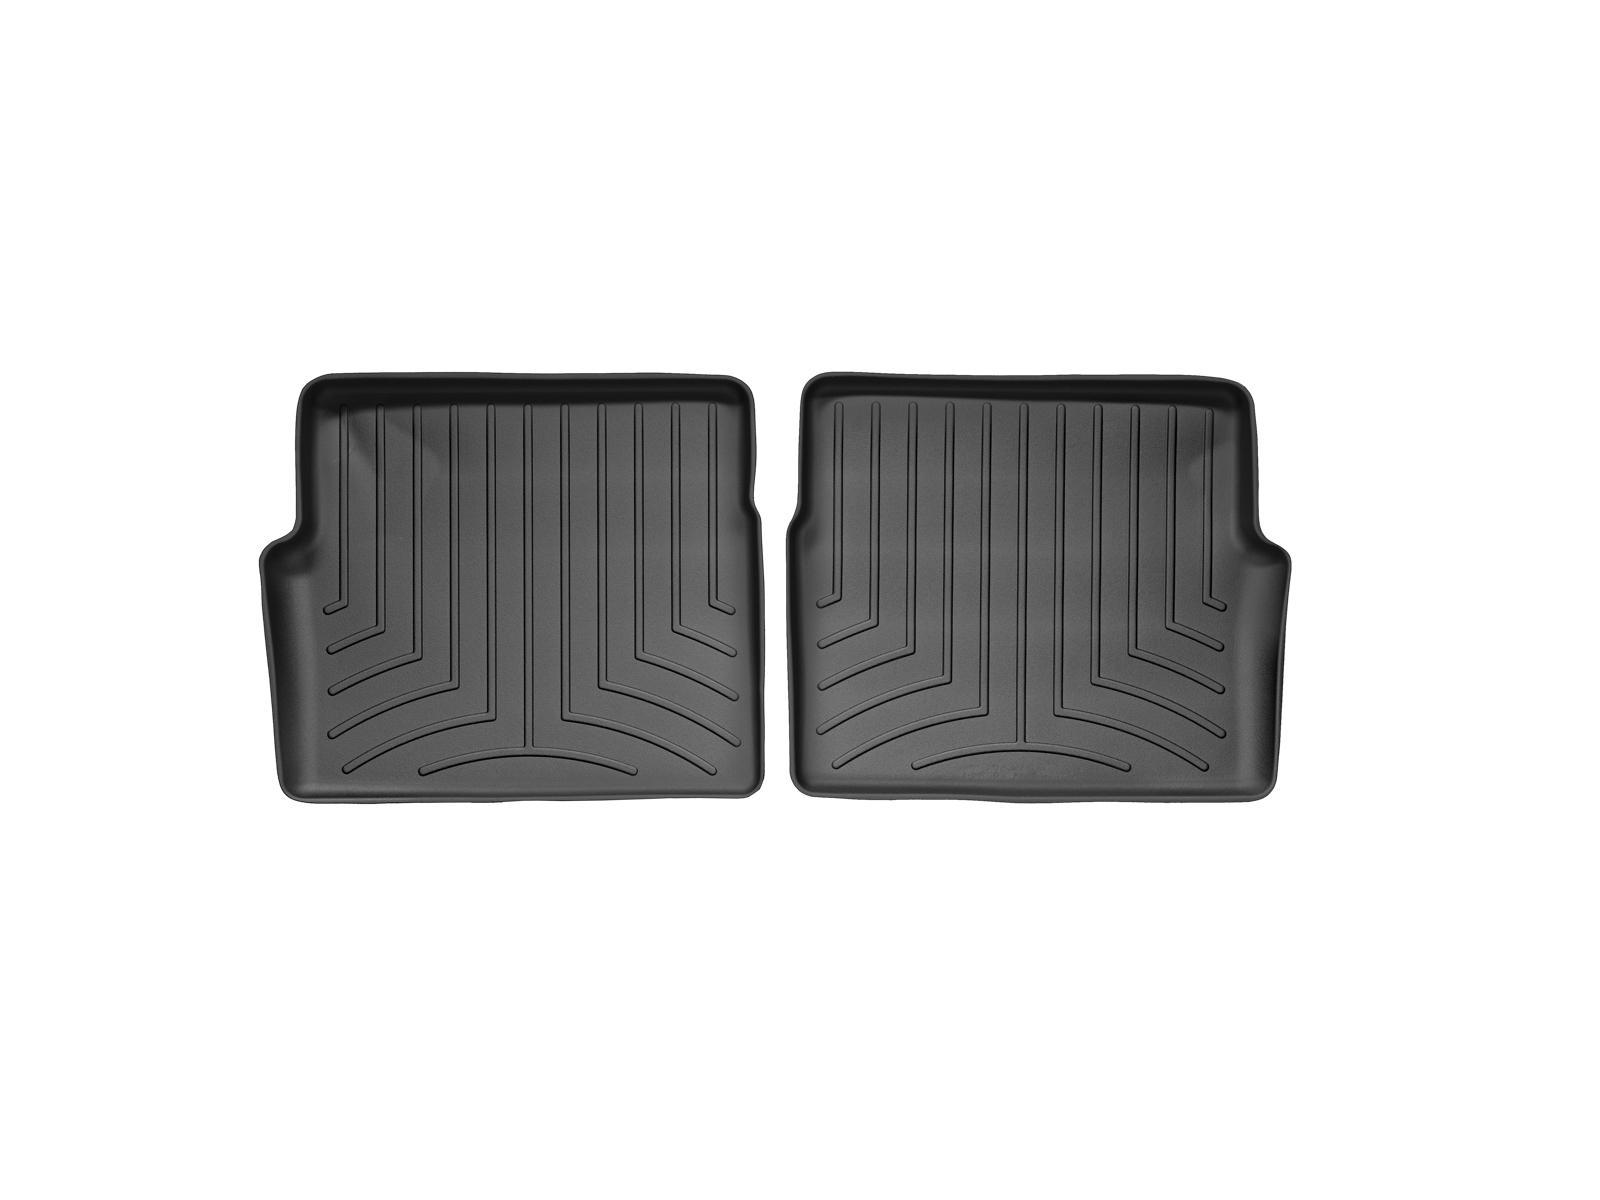 Tappeti gomma su misura bordo alto Cadillac SRX 04>09 Nero A77*